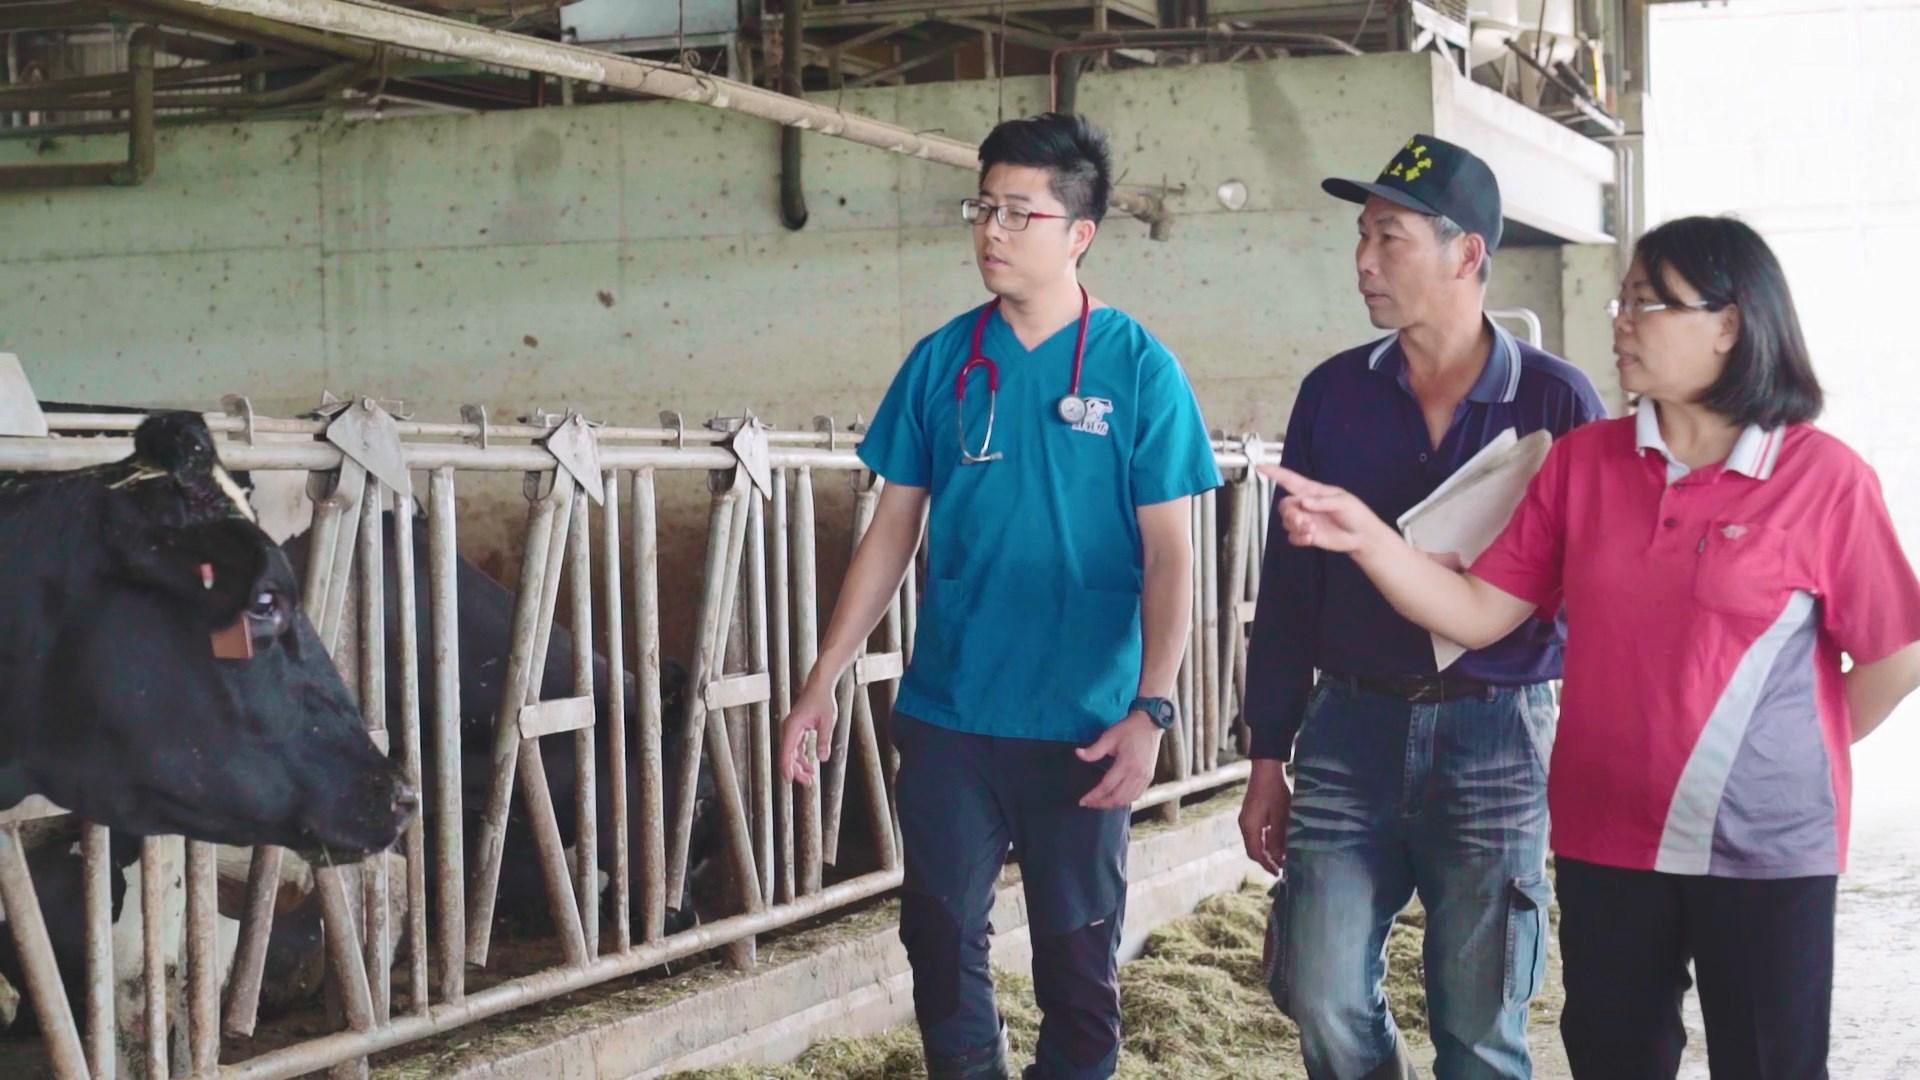 返鄉投入酪農產業的陳界全夫婦,從完全不懂的外行人到酪農界的模範生,他們投注了許多精力。